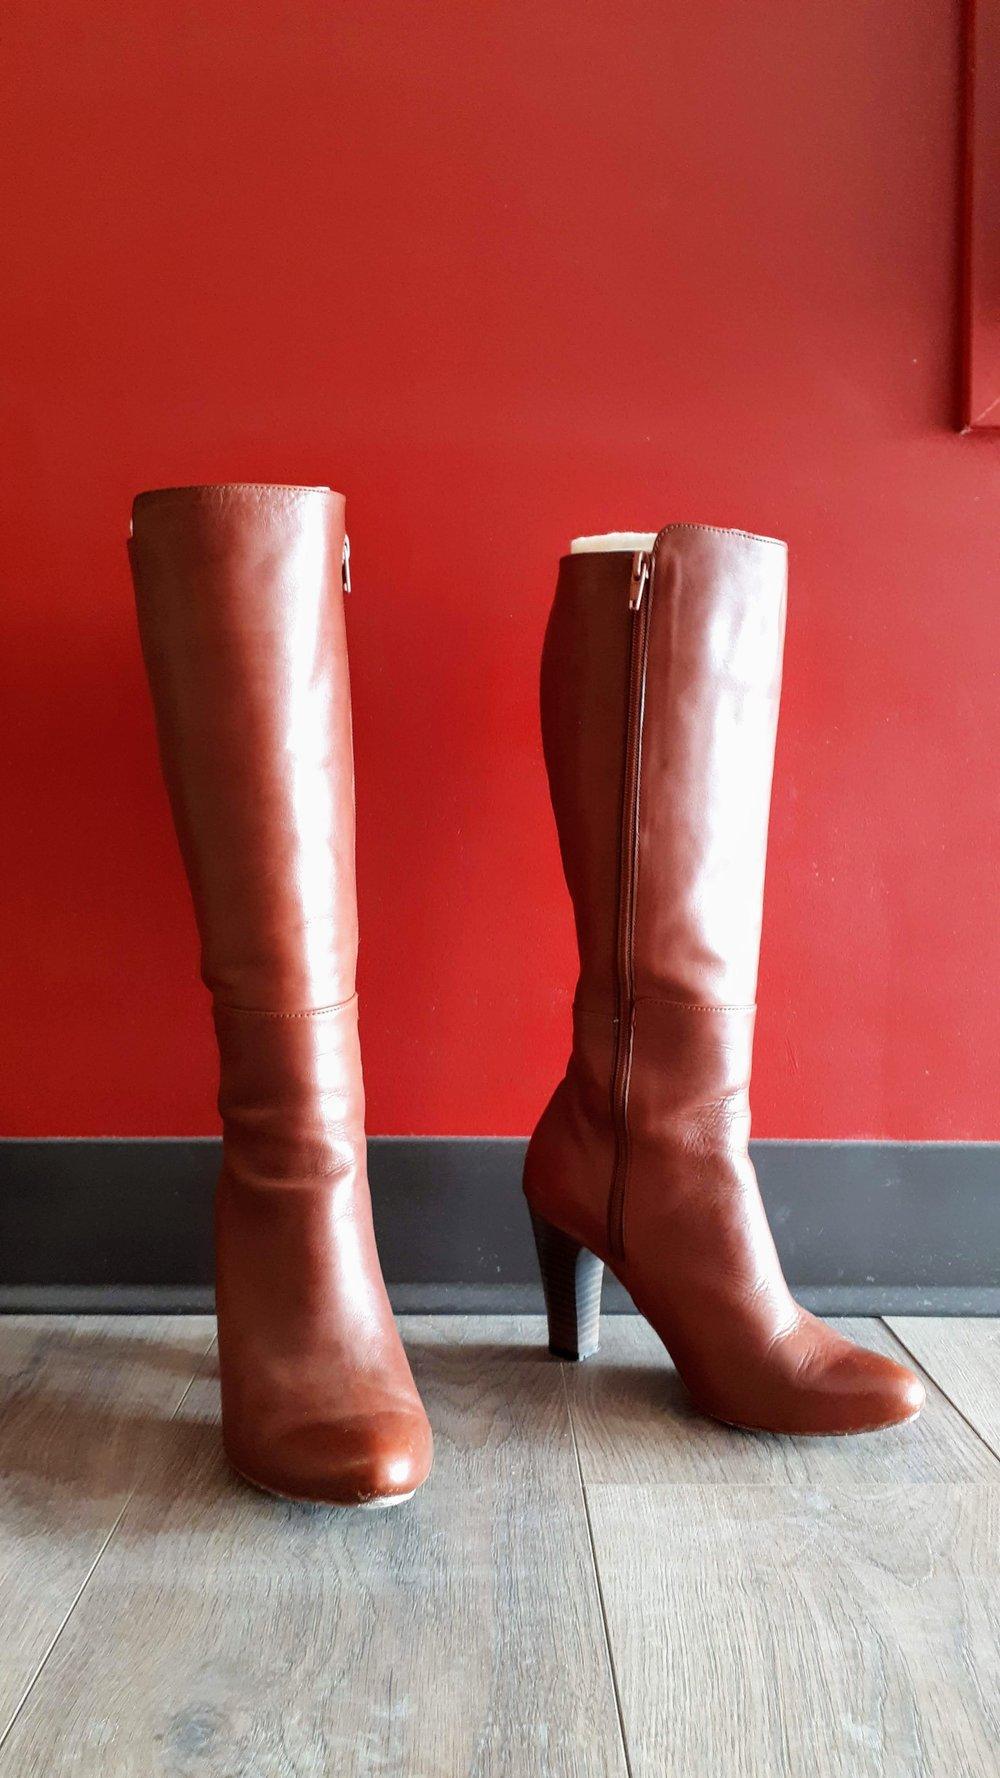 Poppy Barley; Size 7, $165